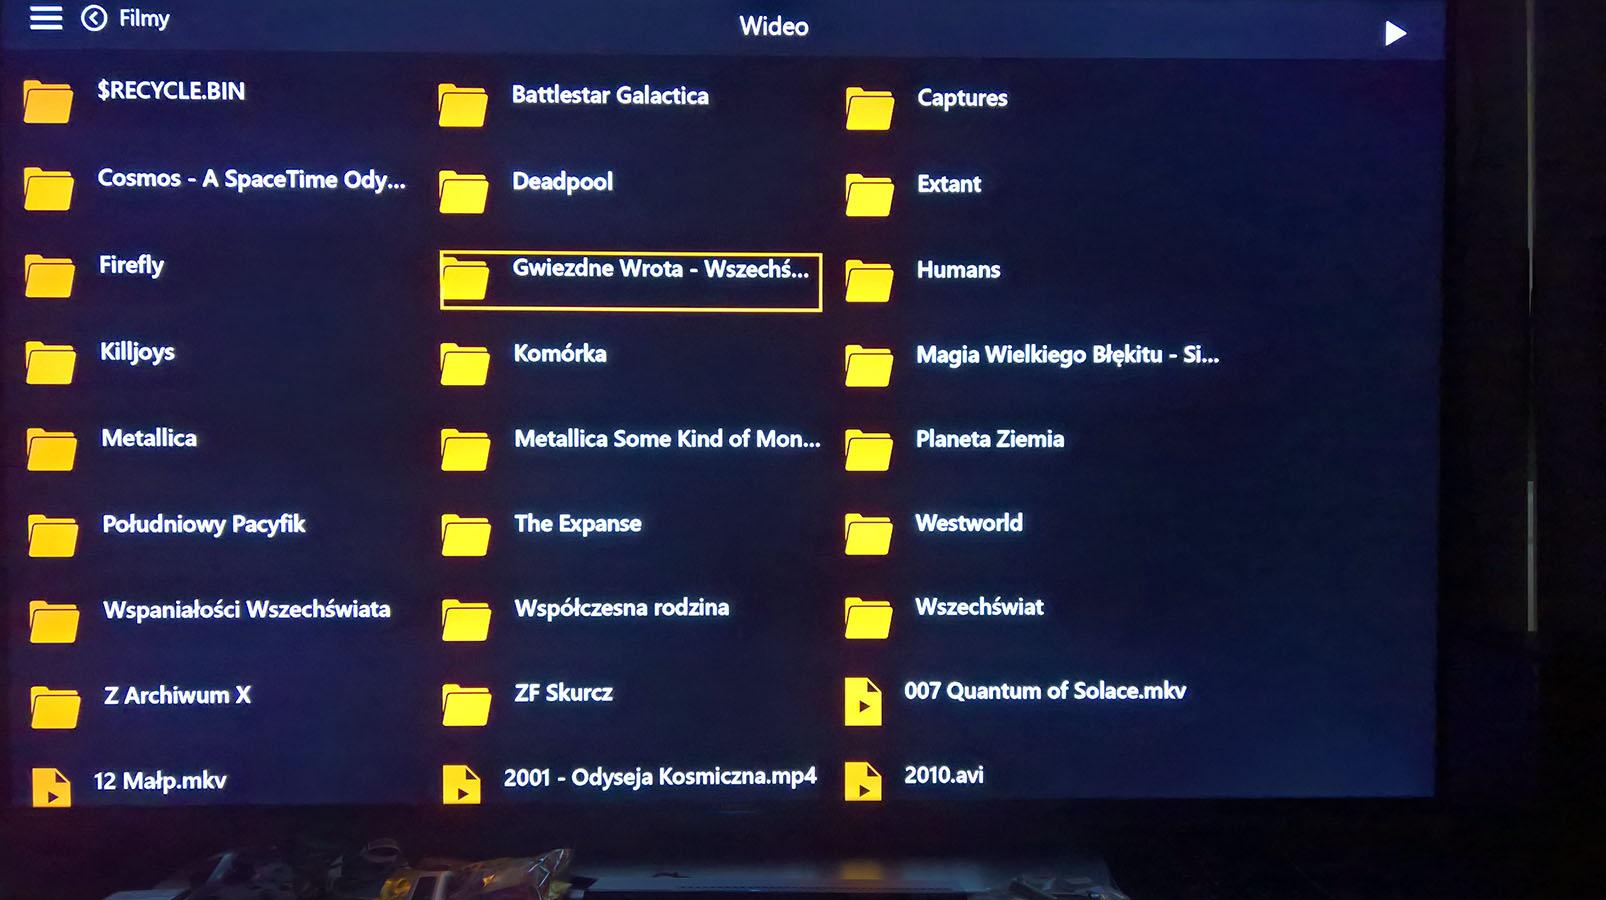 Jak oglądać filmy na Xbox One? Użyj VLC!